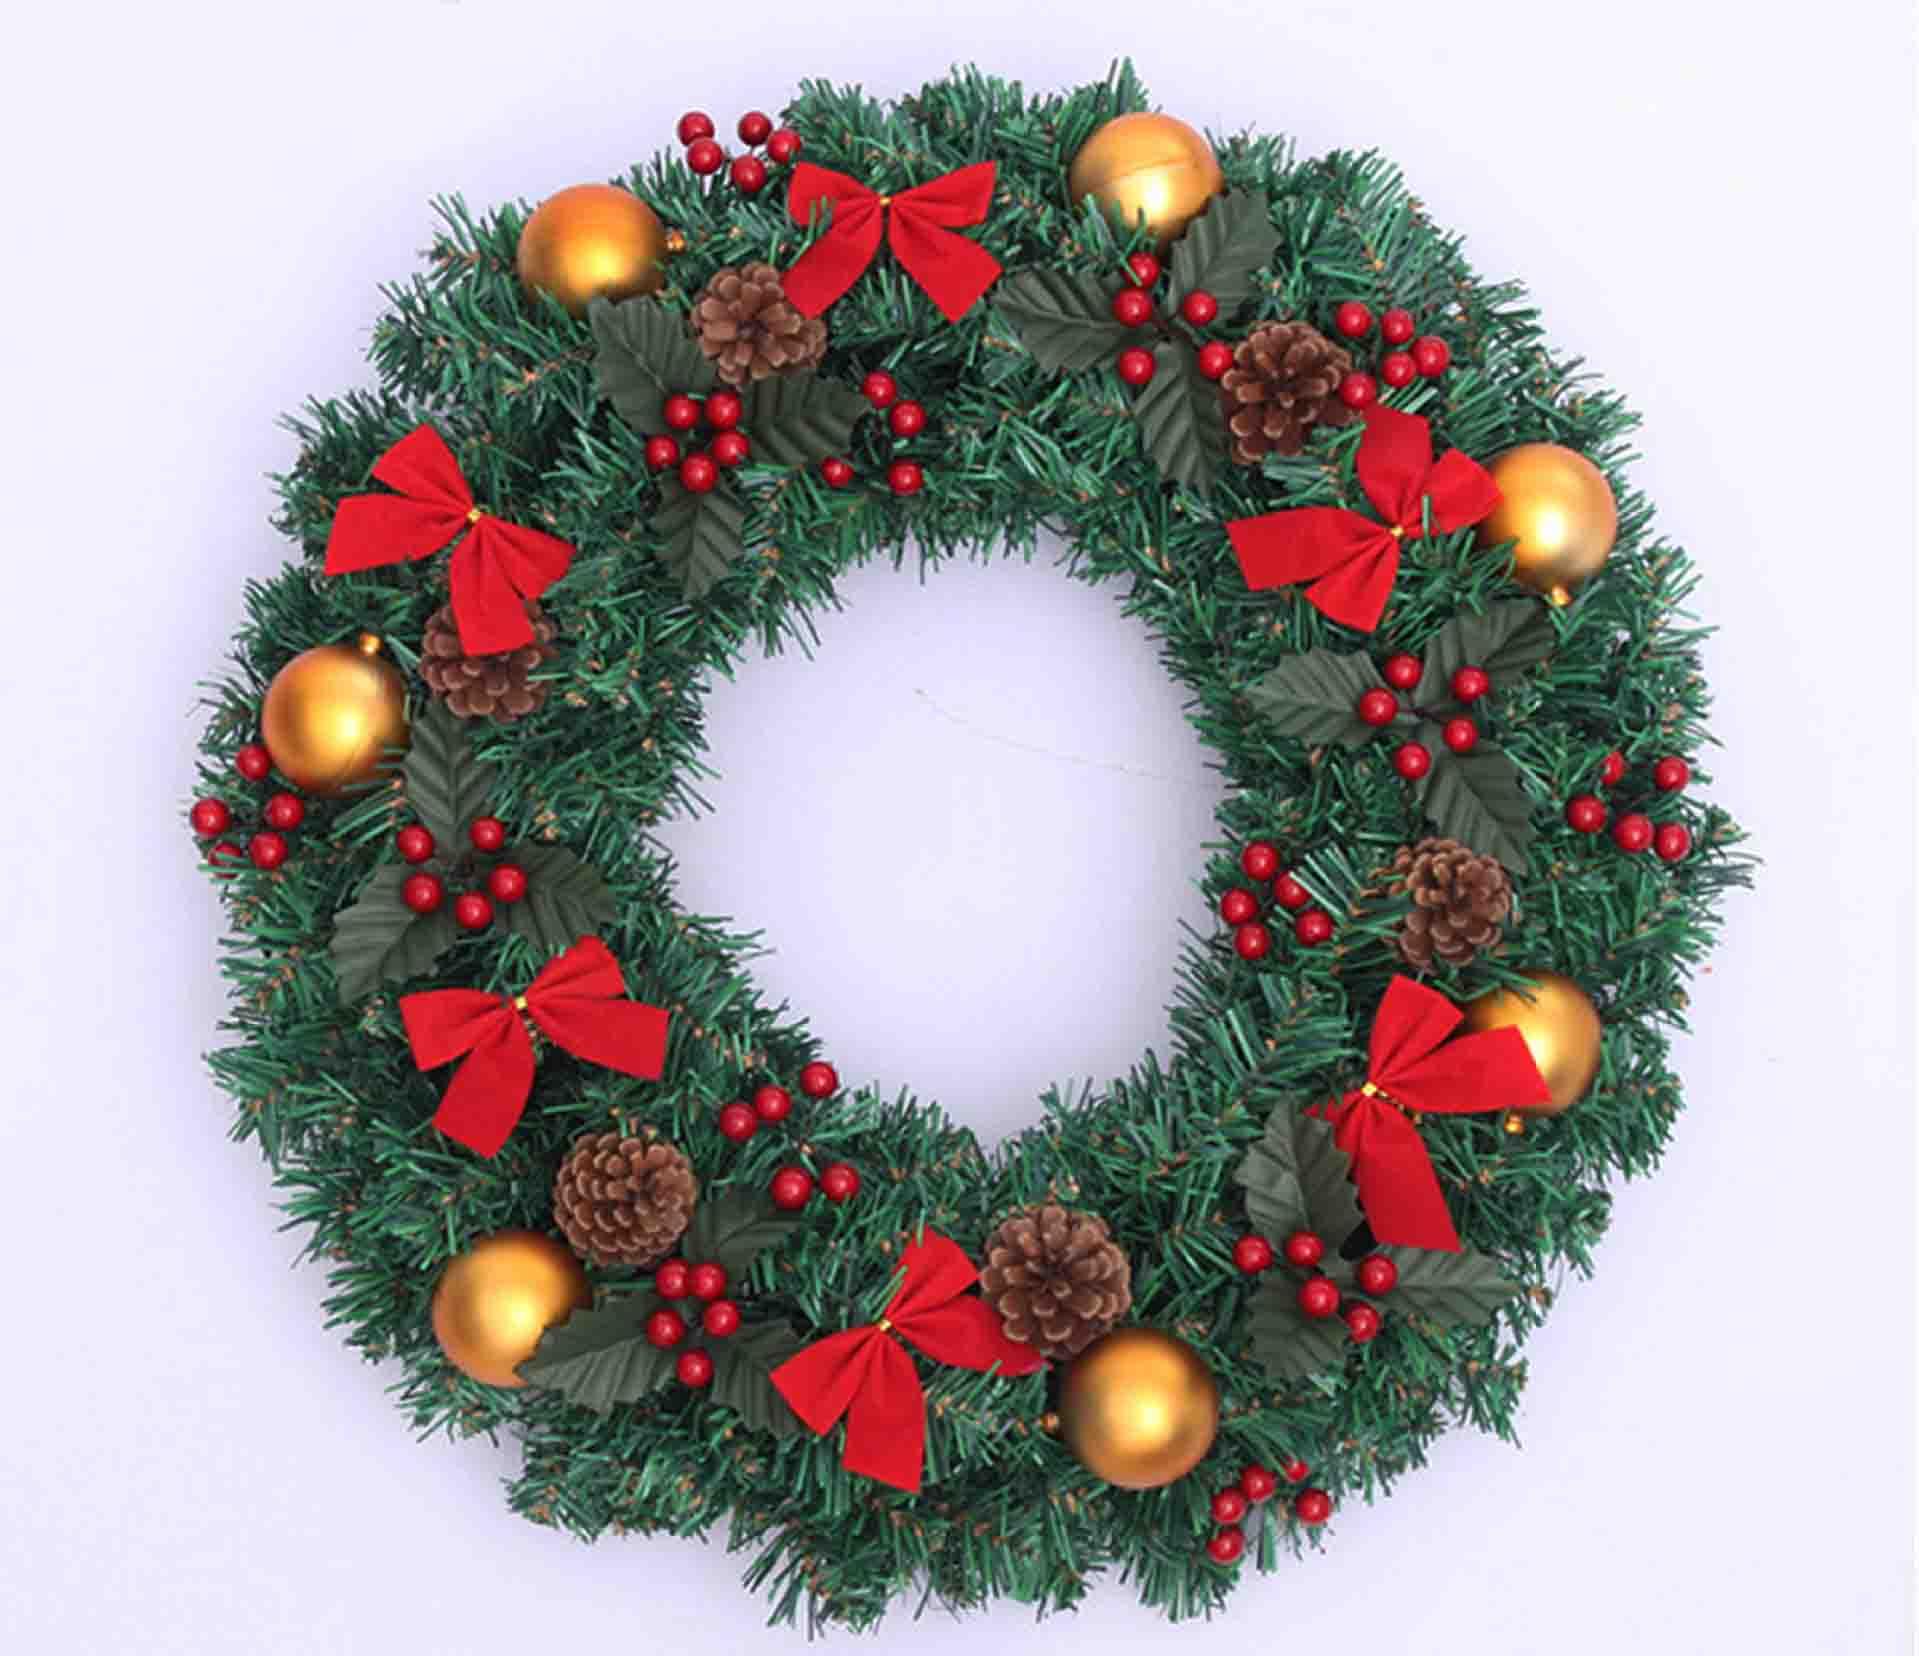 #C38908 Achetez En Gros De Luxe De Noël Décoration En Ligne à Des  5409 decorations de noel en gros 1919x1656 px @ aertt.com